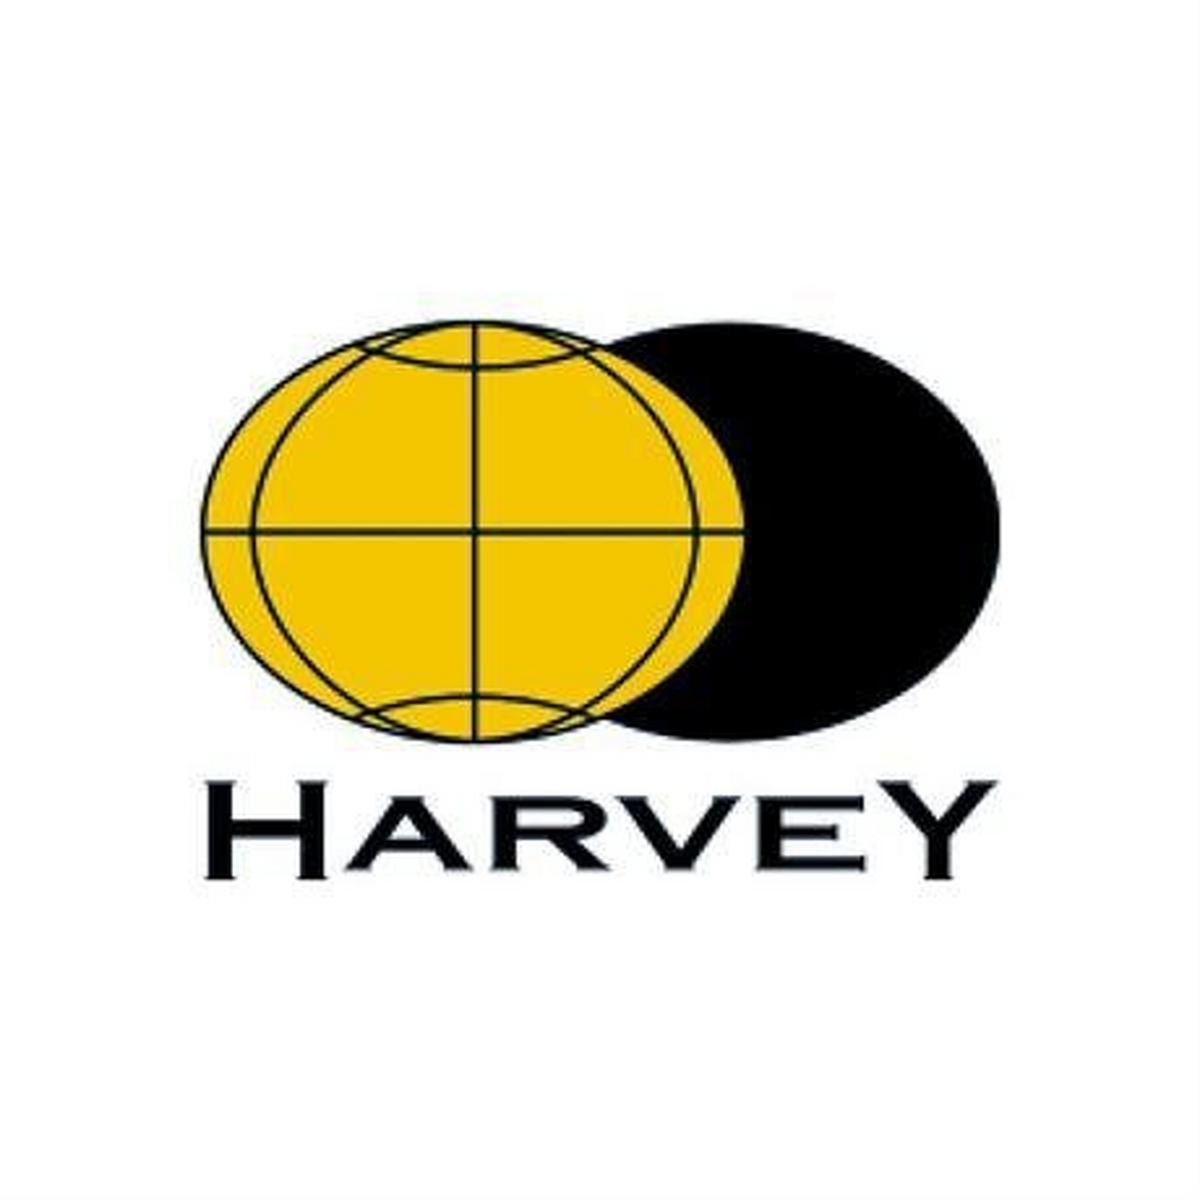 Harveys Harvey Ultramap XT40: Lake District - West